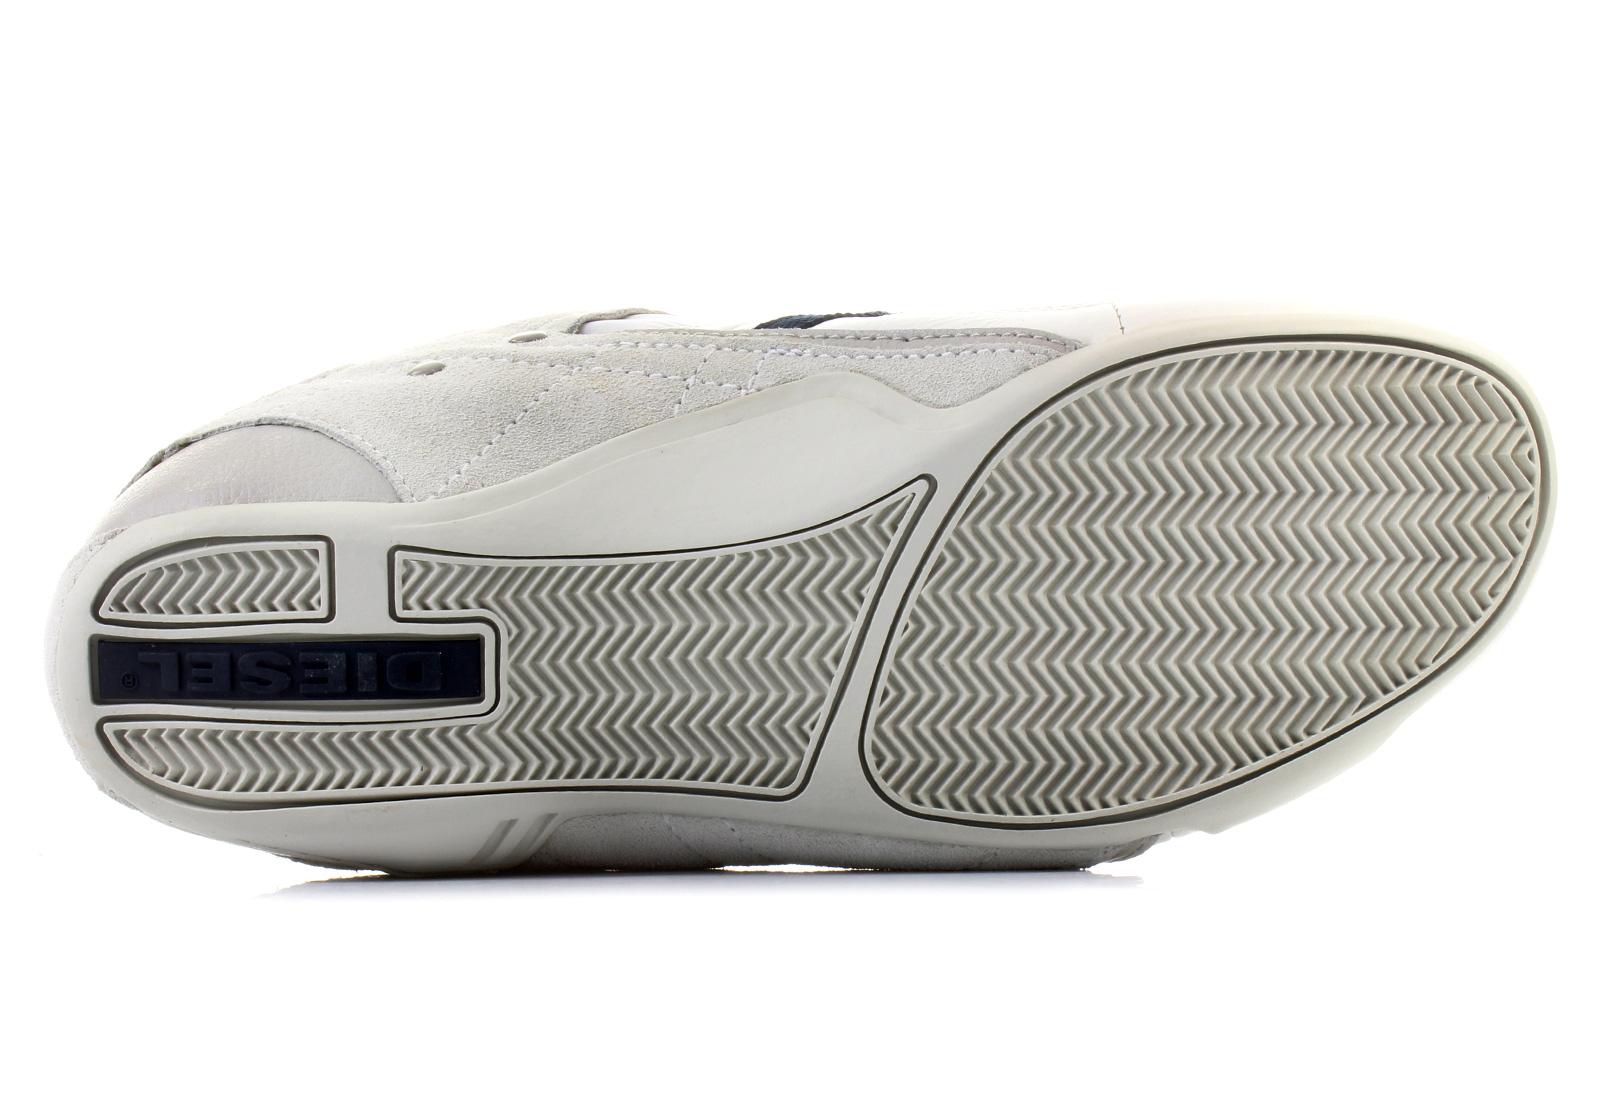 Diesel Shoes - Korbin - 936-120-4221 - Online shop for ...